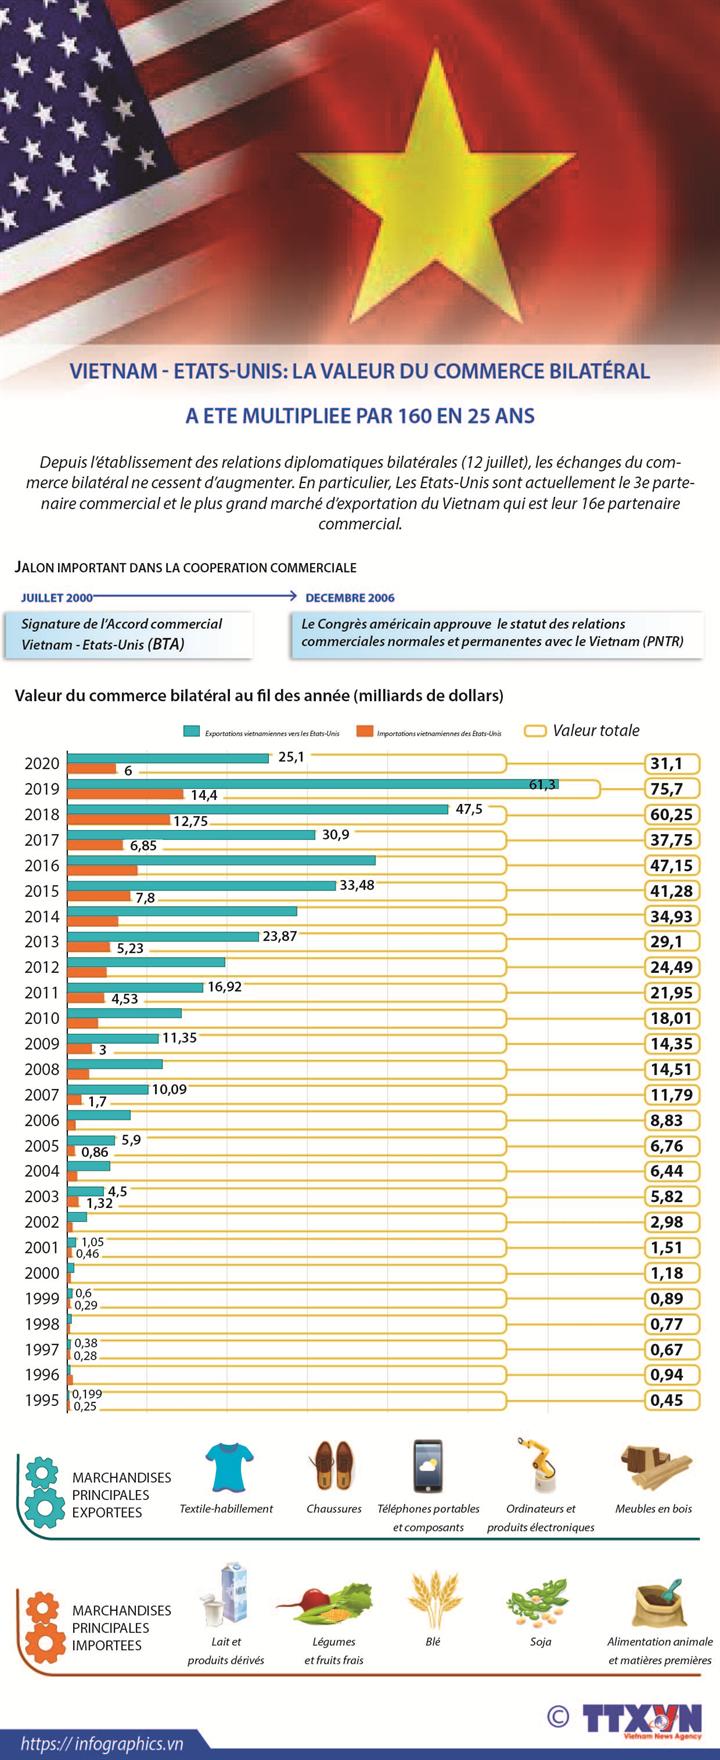 Vietnam - Etats-Unis: La valeur du commerce bilatéral a été multpliée par 160 en 25 ans